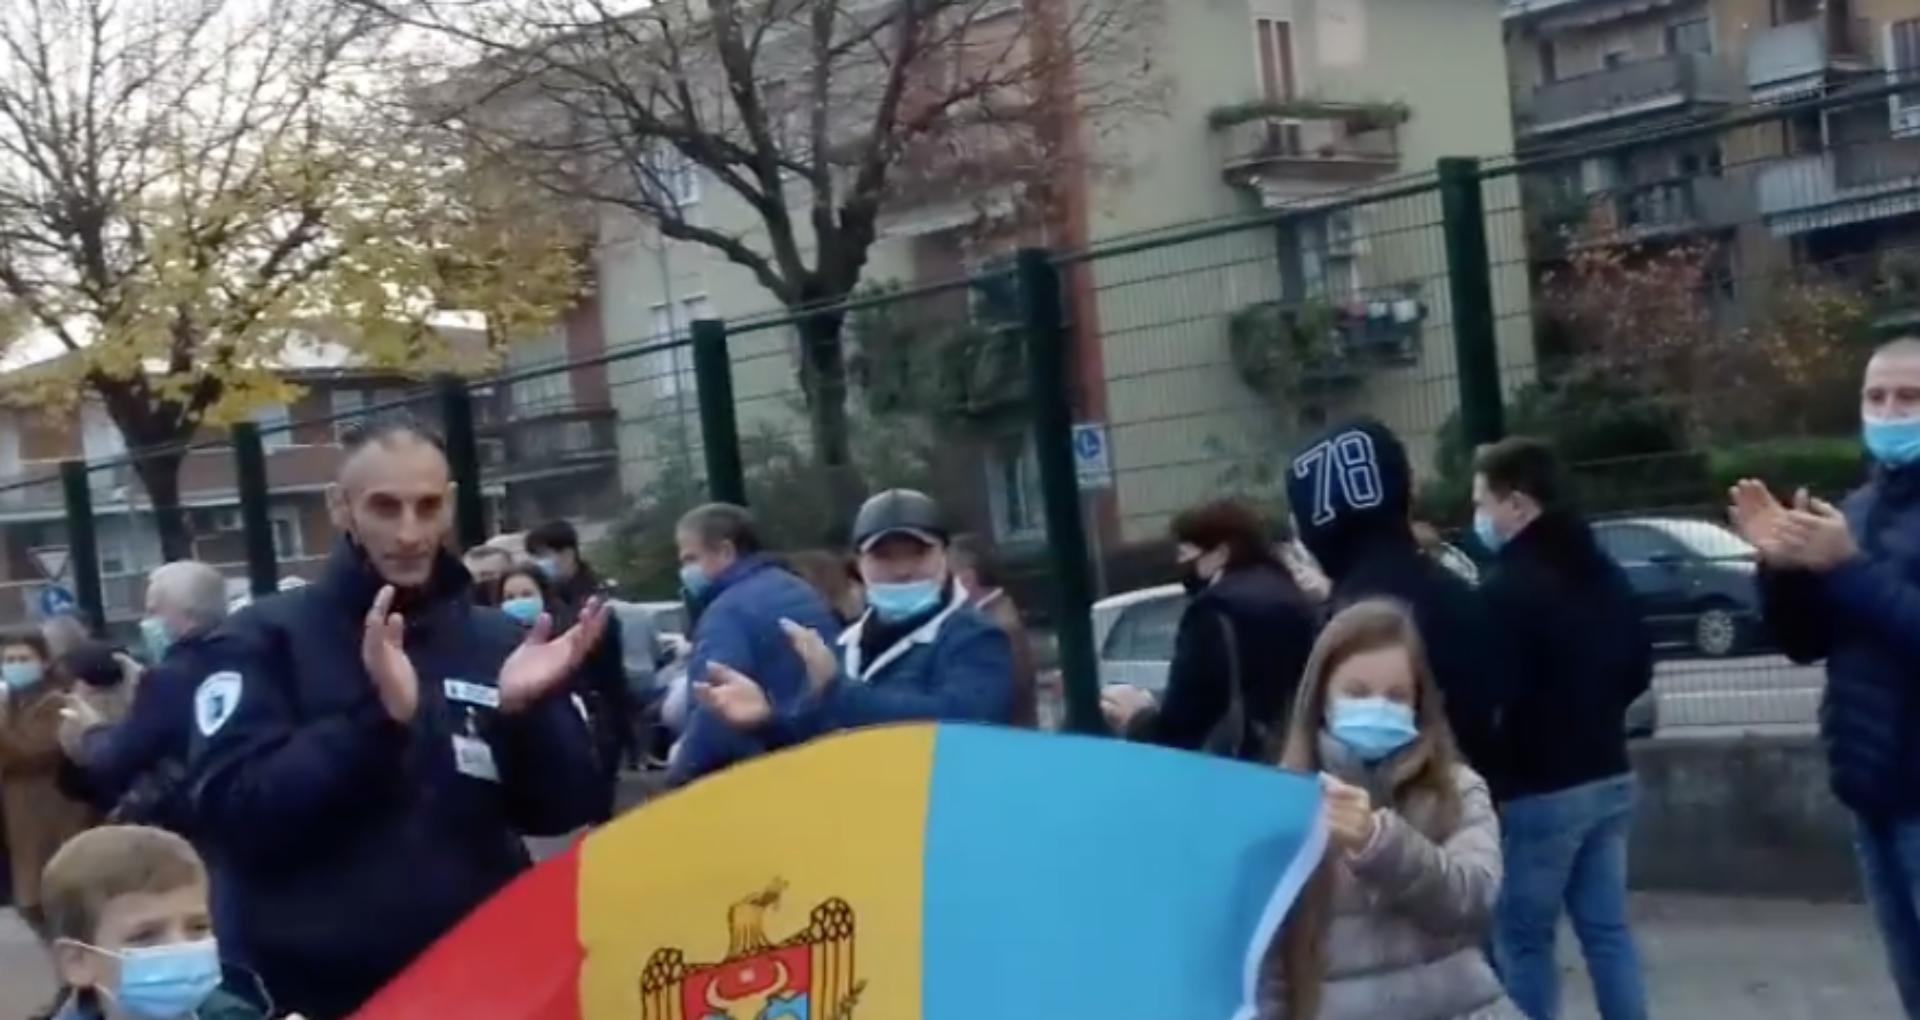 În aplauzele poliției de la Verona. Moldovenii care stau la rând pentru a vota, încurajați de forțele  de ordine italiene